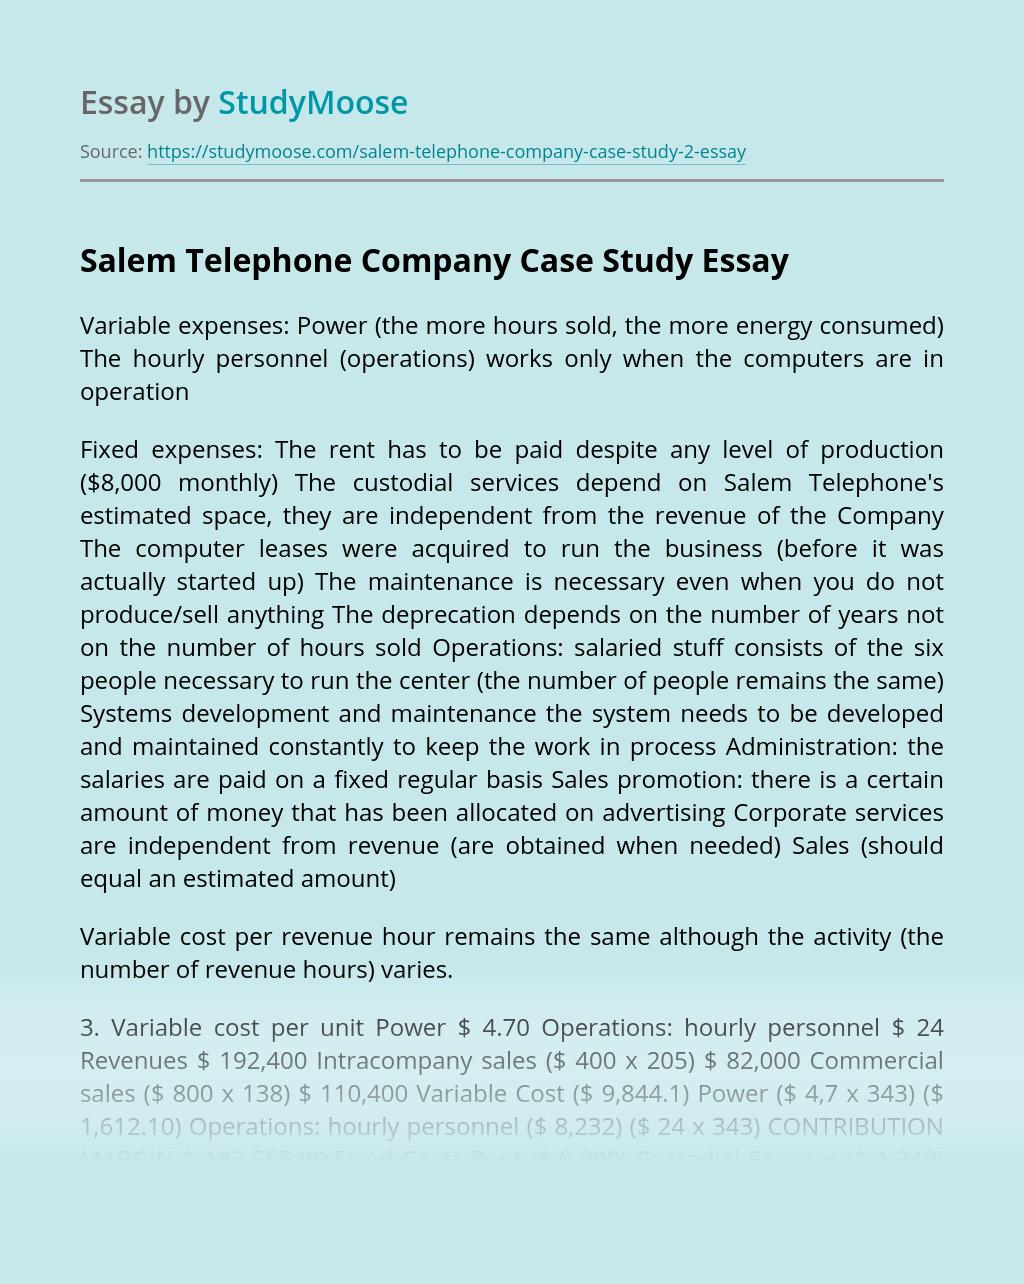 Salem Telephone Company Case Study